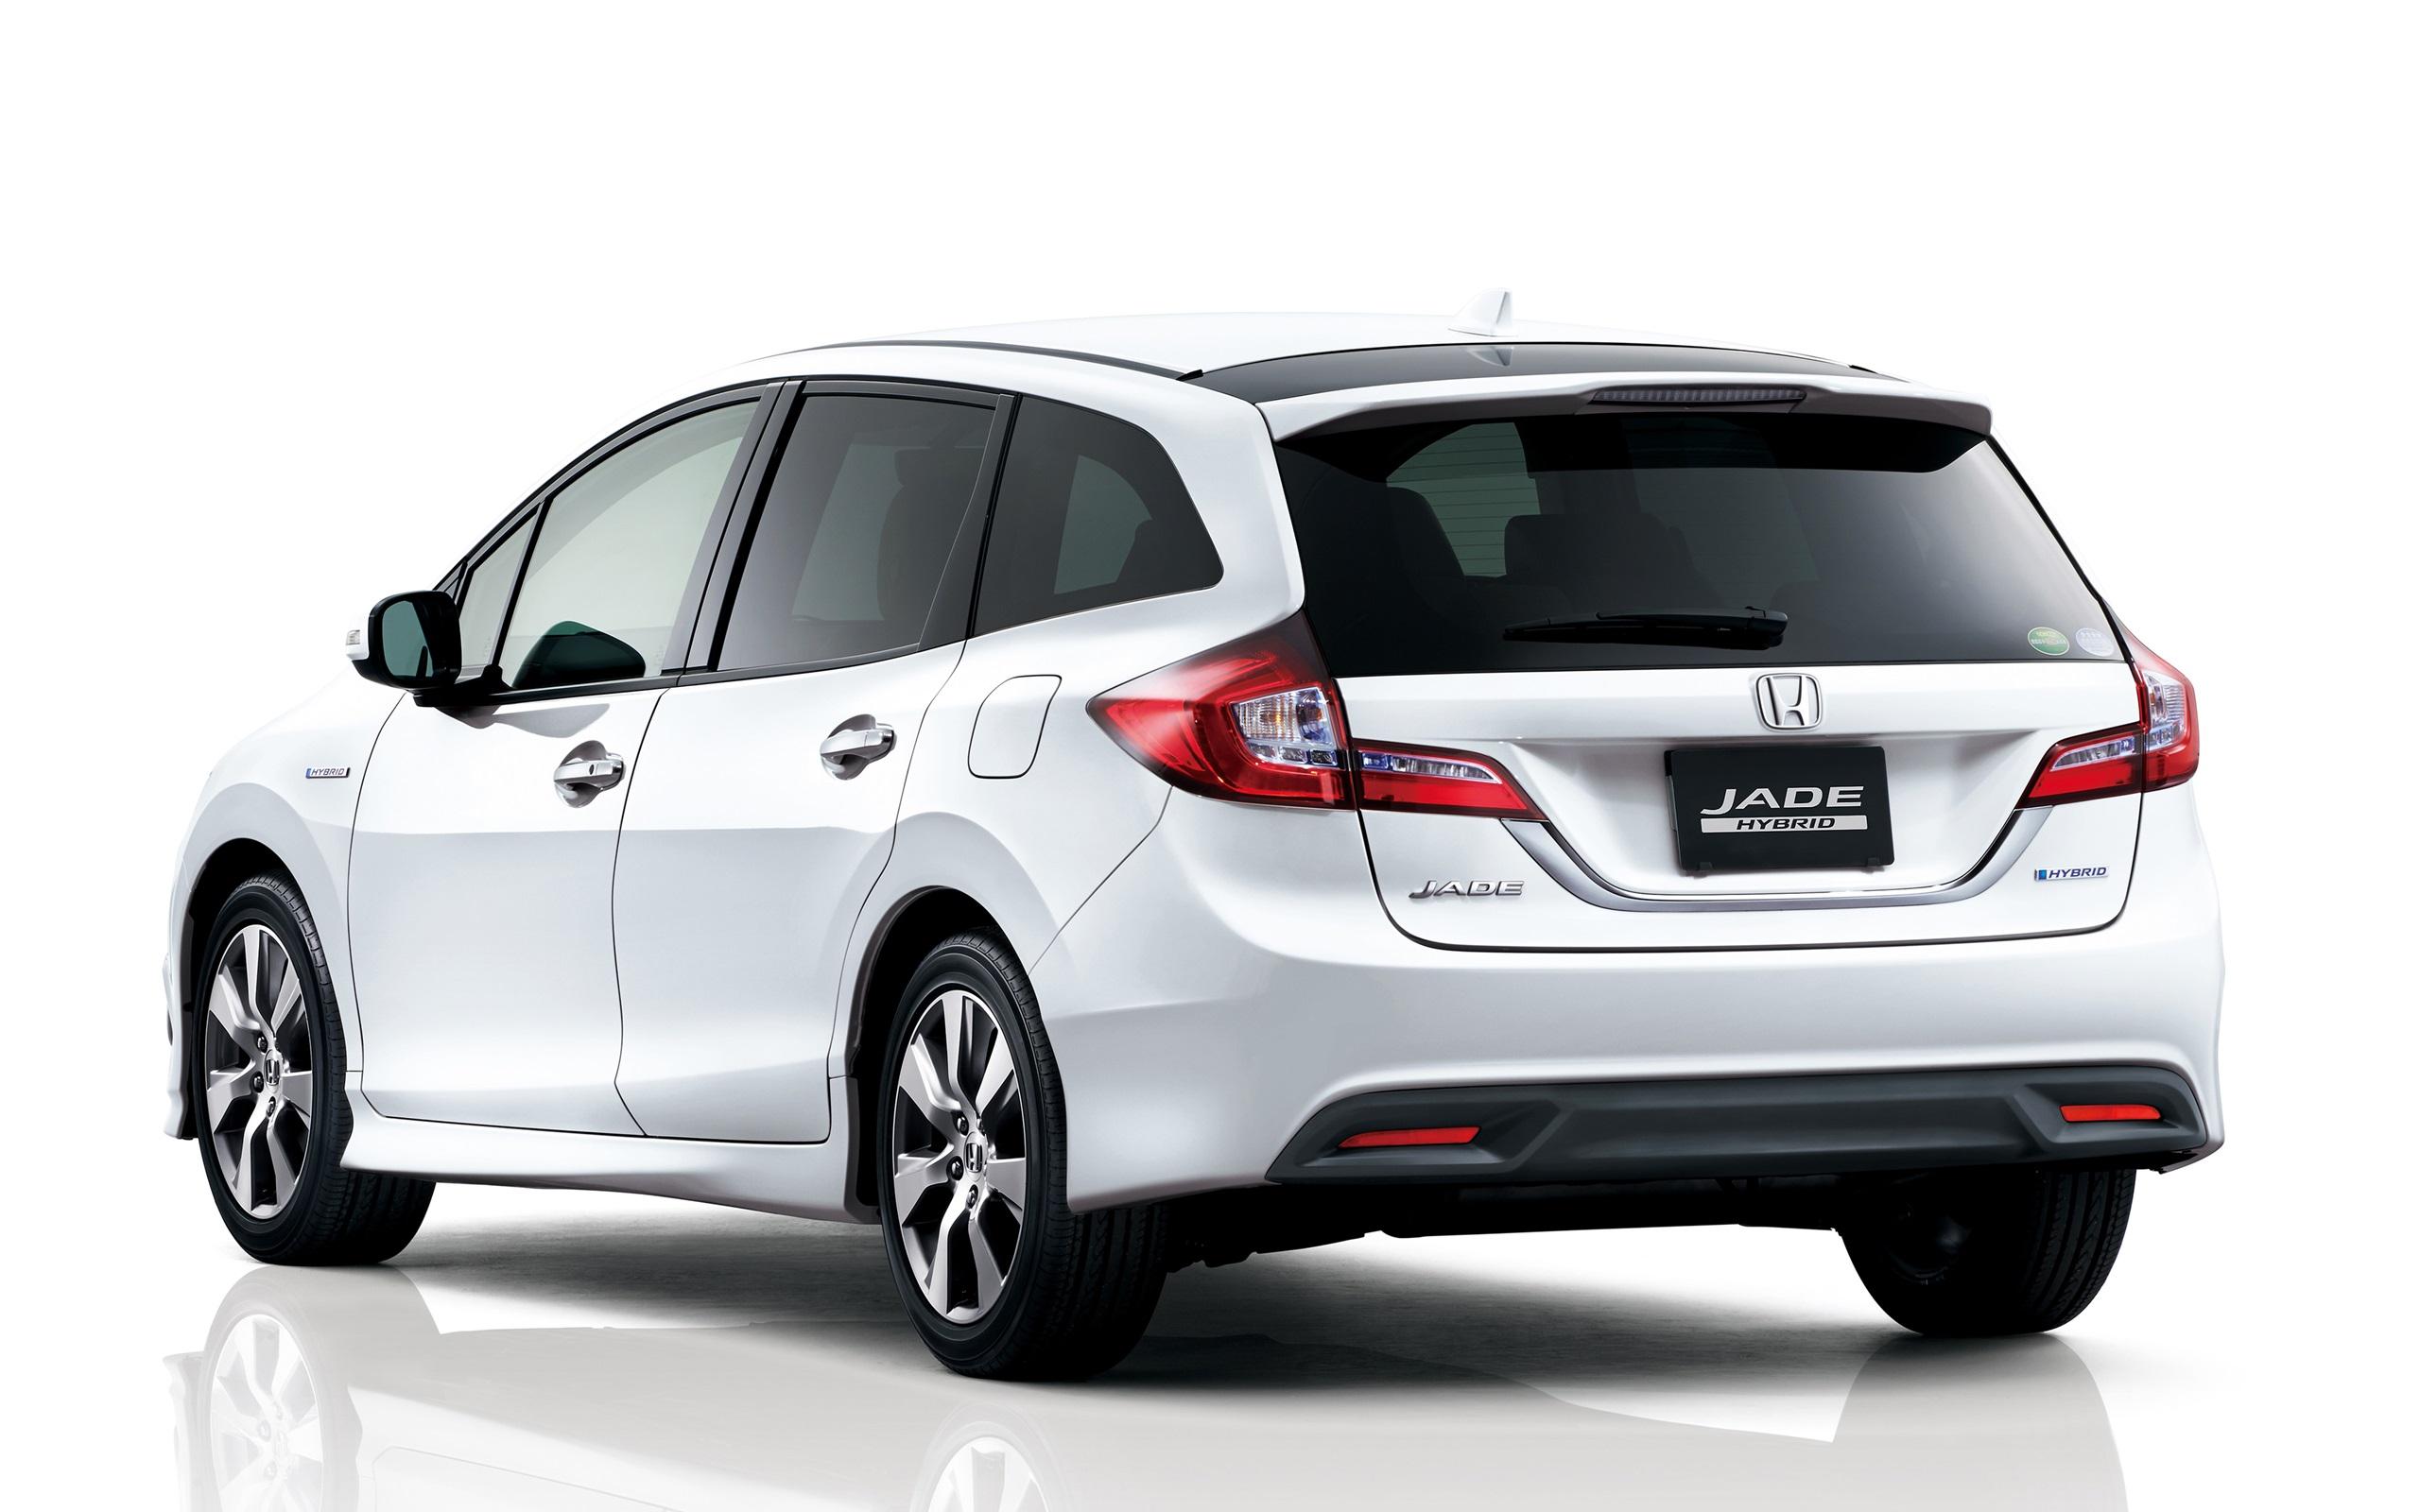 Papéis De Parede Honda Jade Retrovisor Do Carro Híbrido